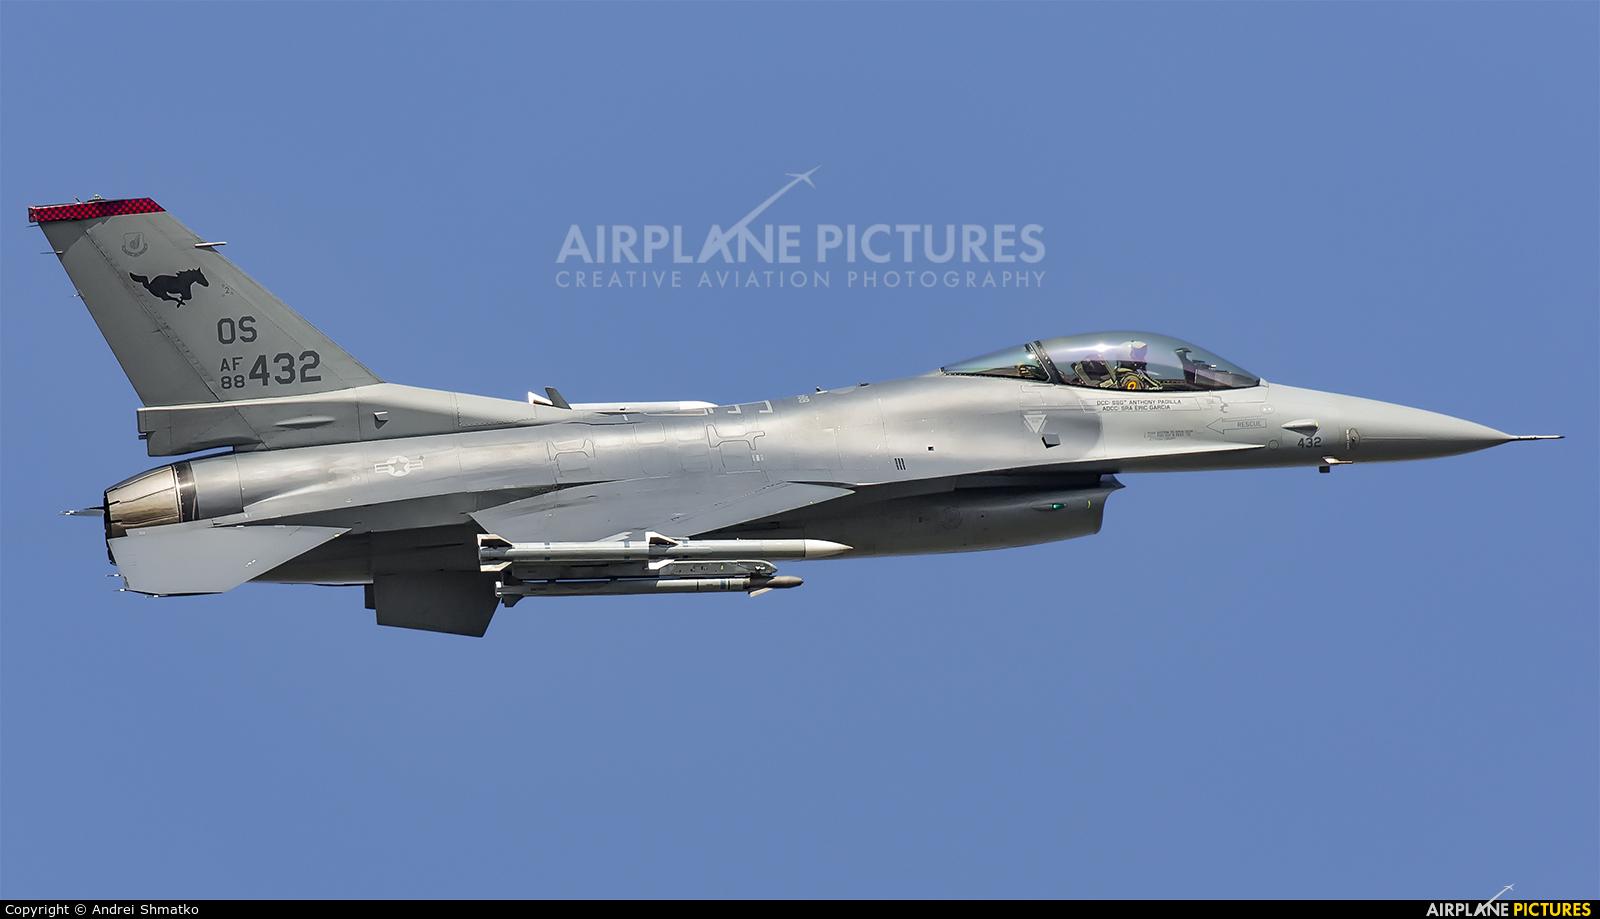 USA - Air Force 88-0432 aircraft at Osan AB